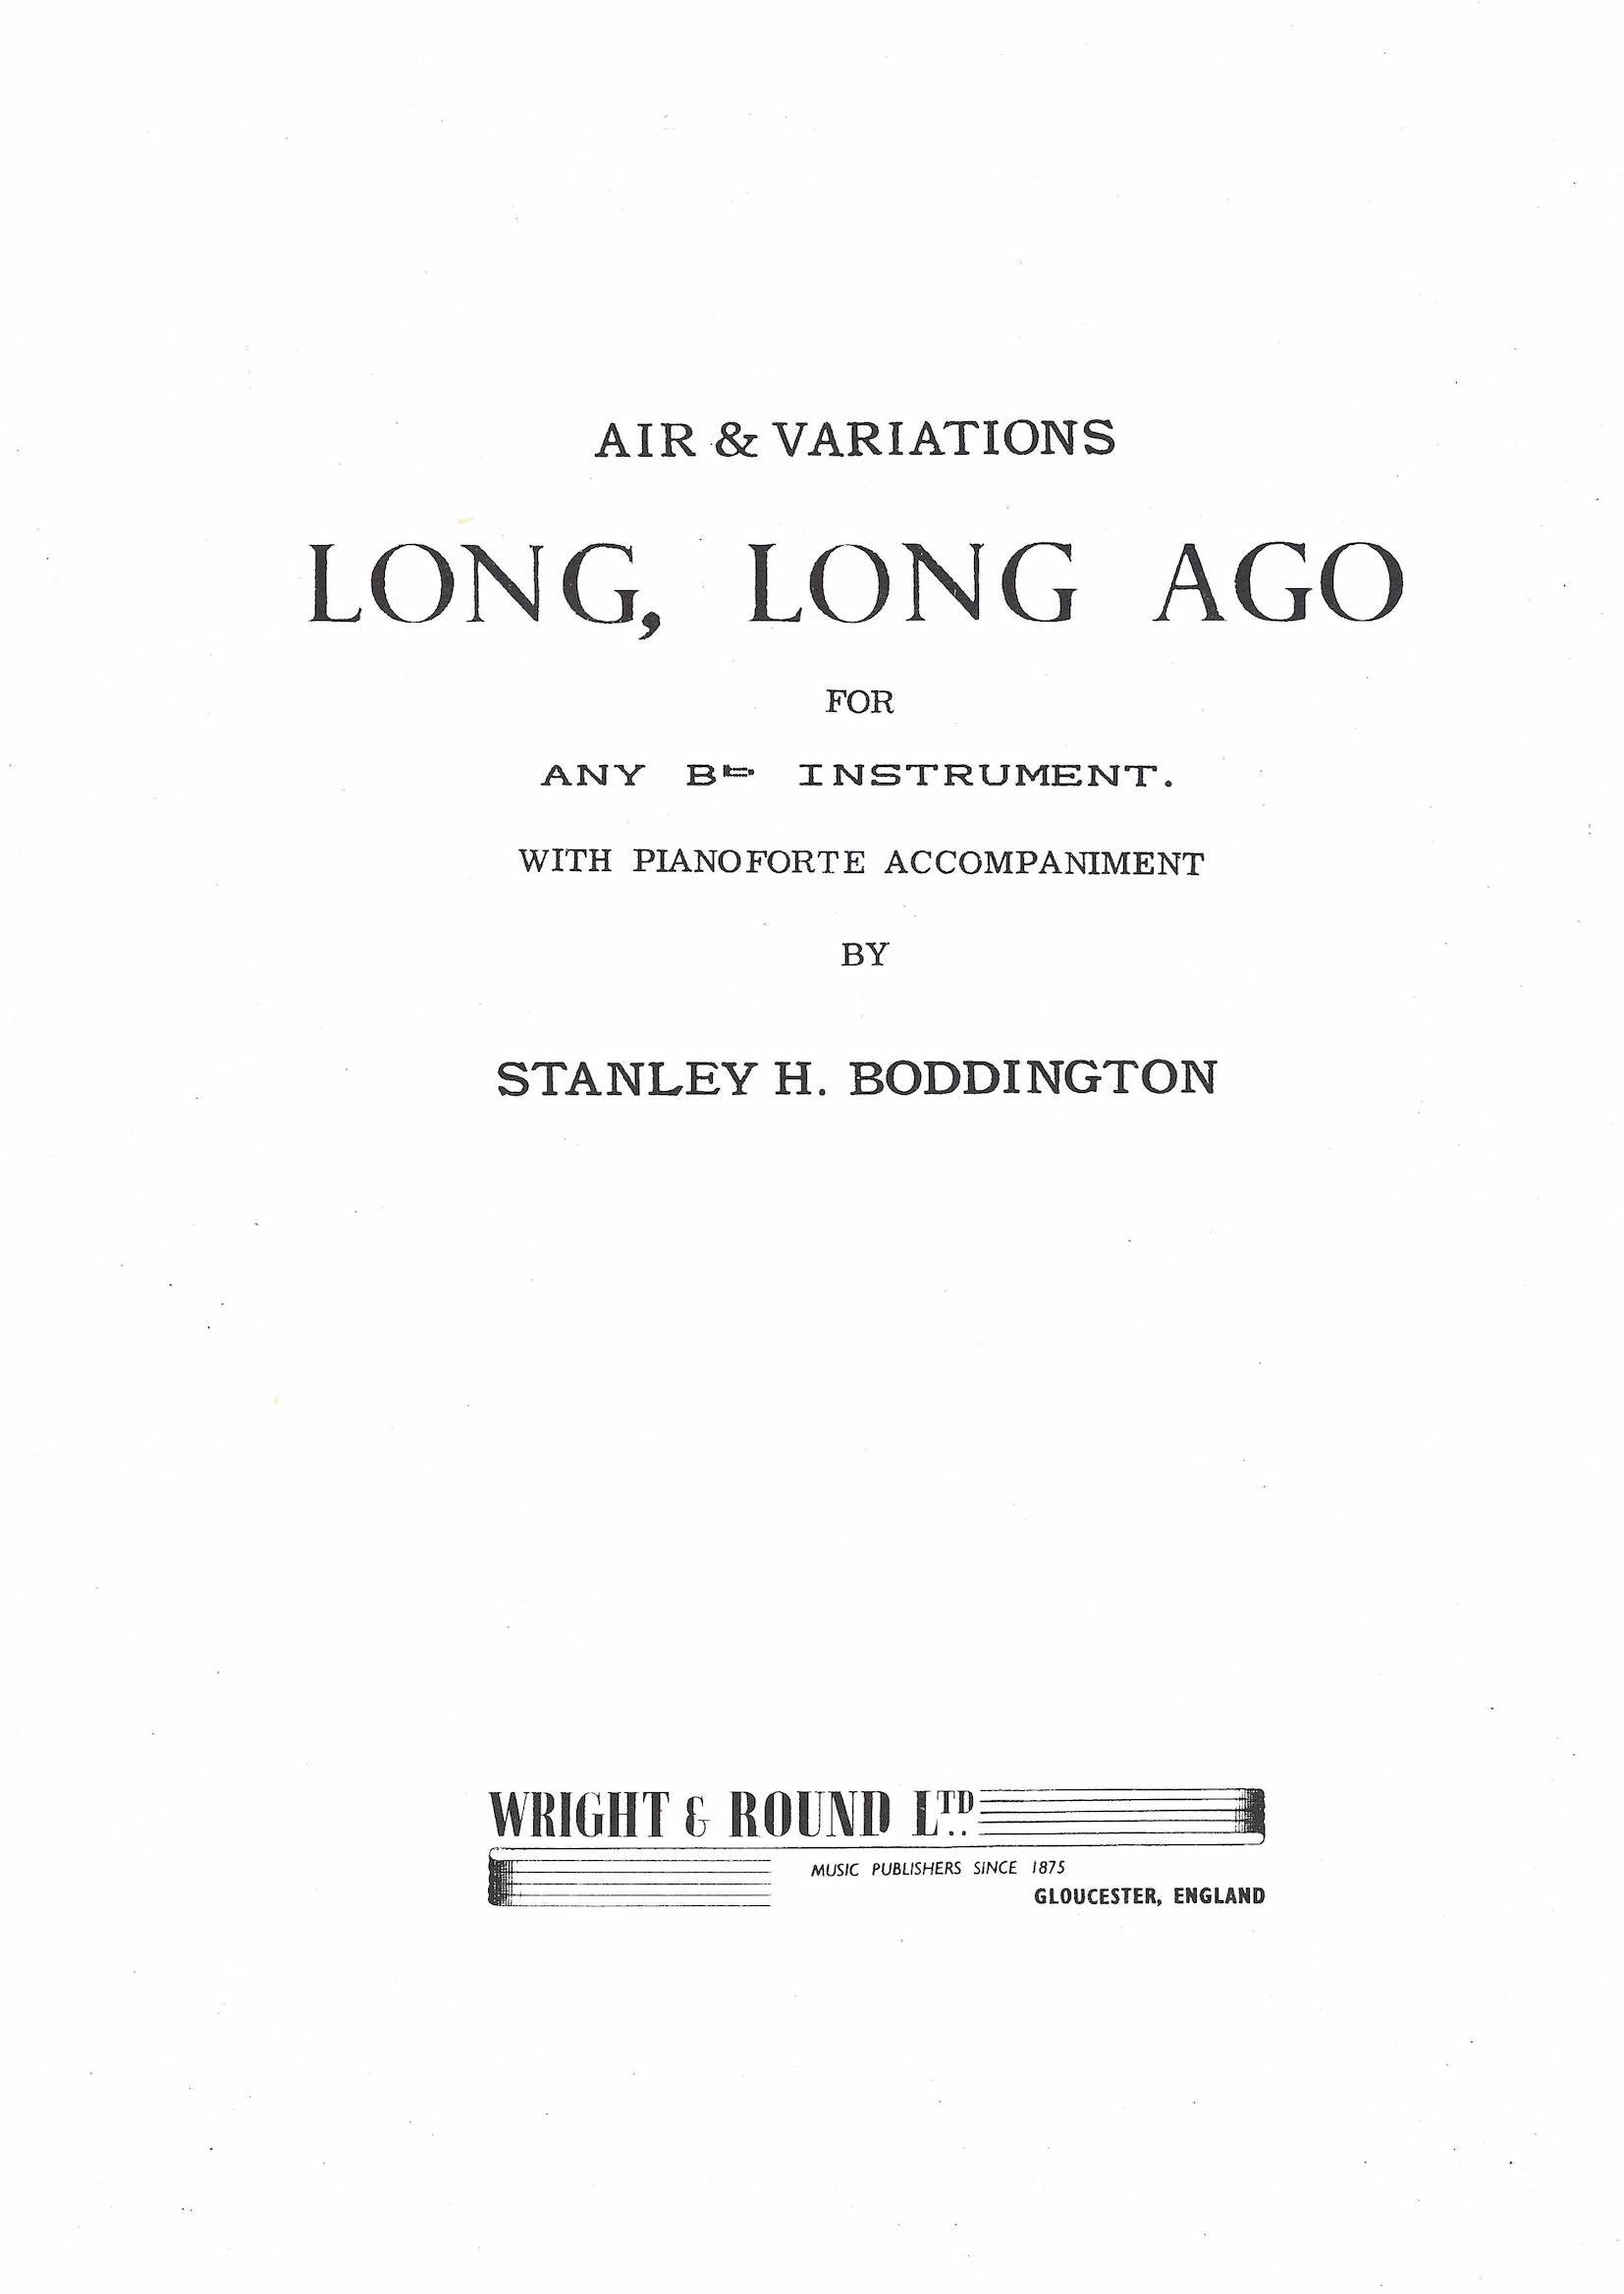 Long, Long Ago - Stanley Boddington - Euphonium and Piano